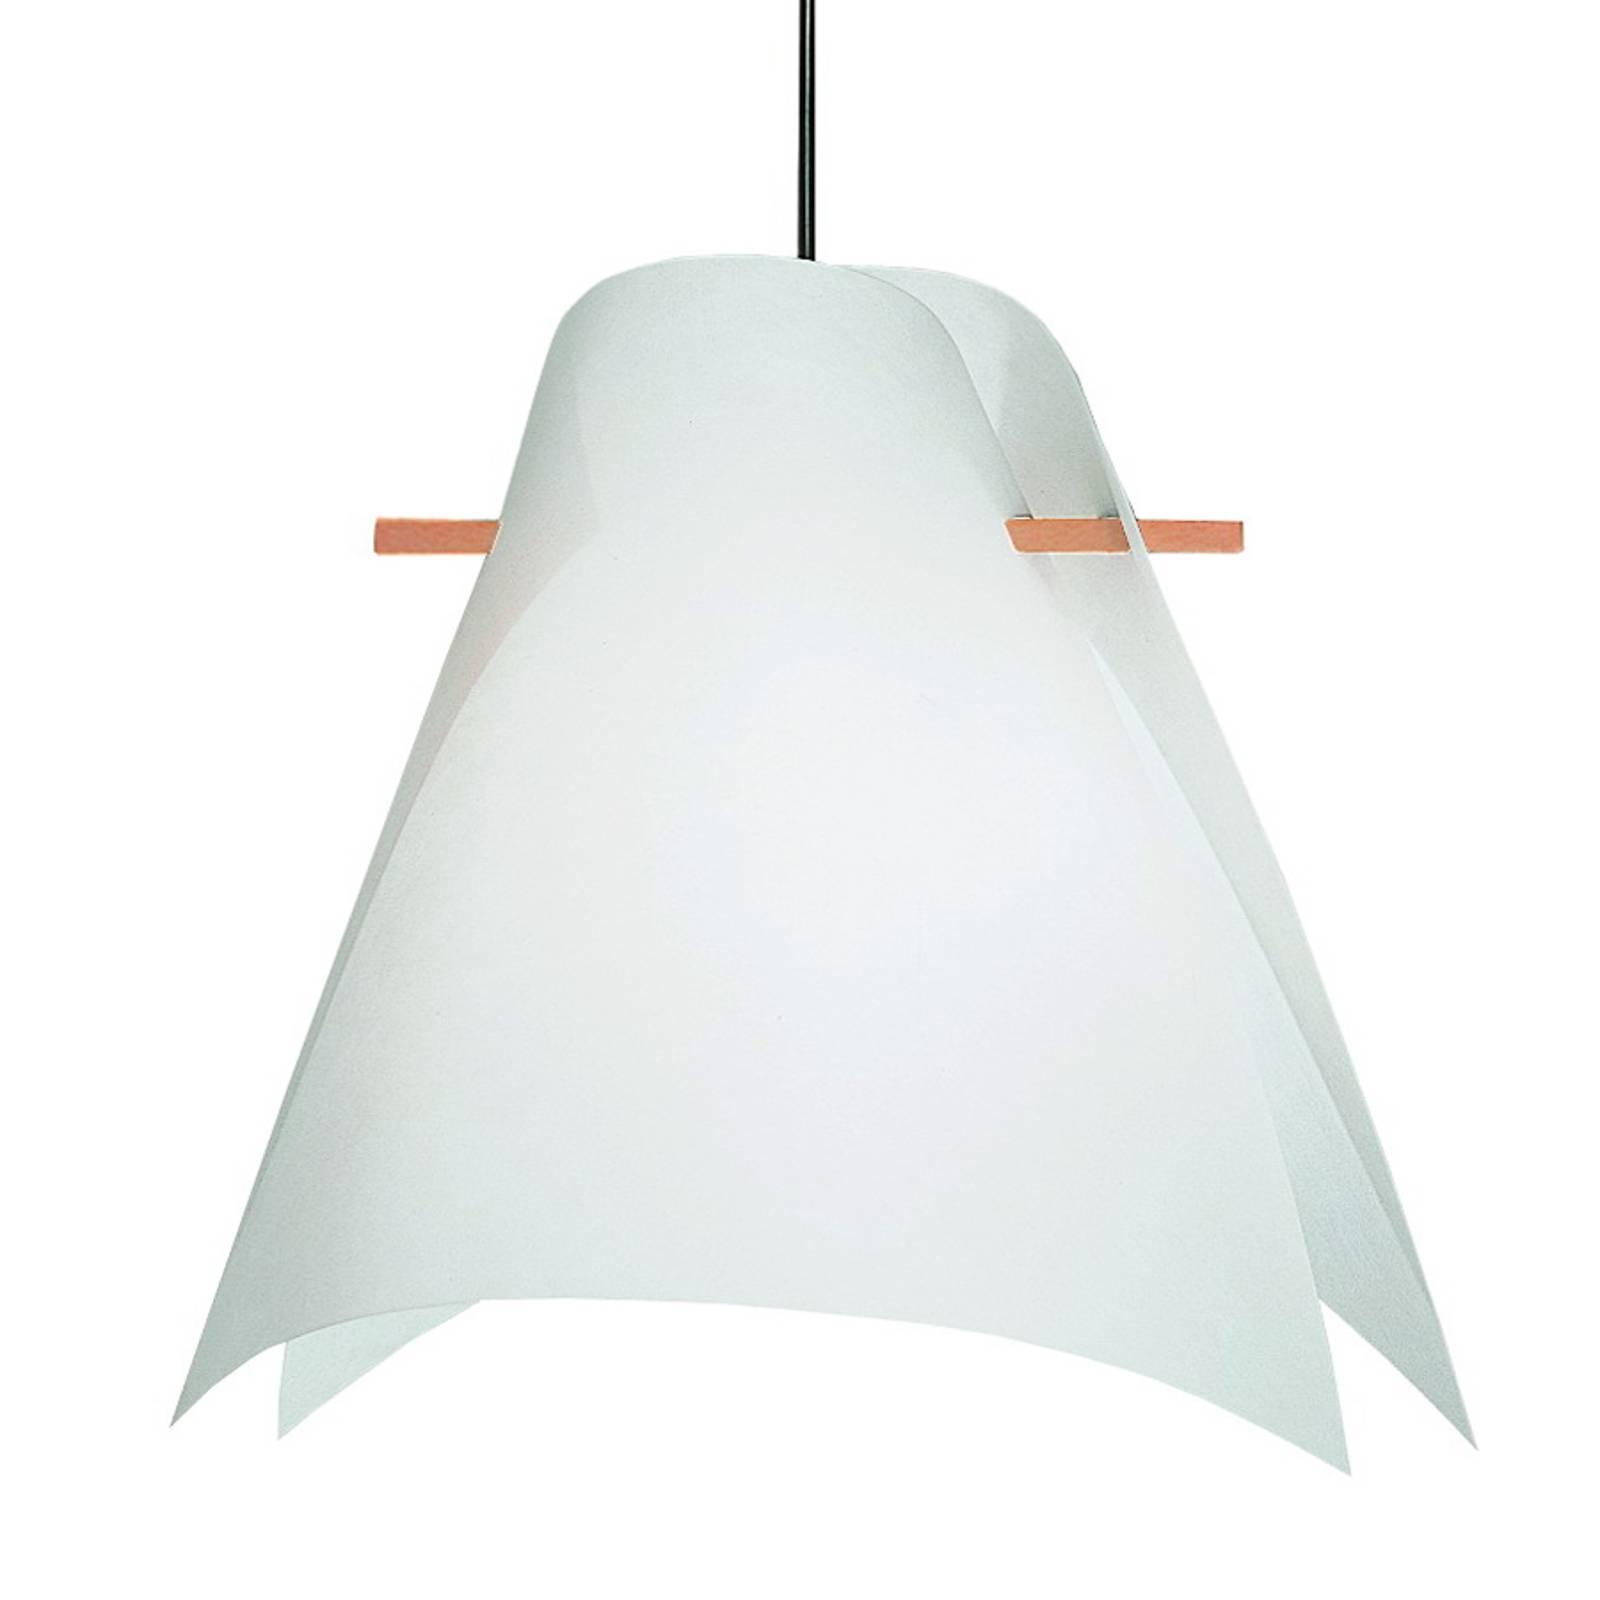 Lampa wisząca PLAN B ze zmywalnymi kloszami